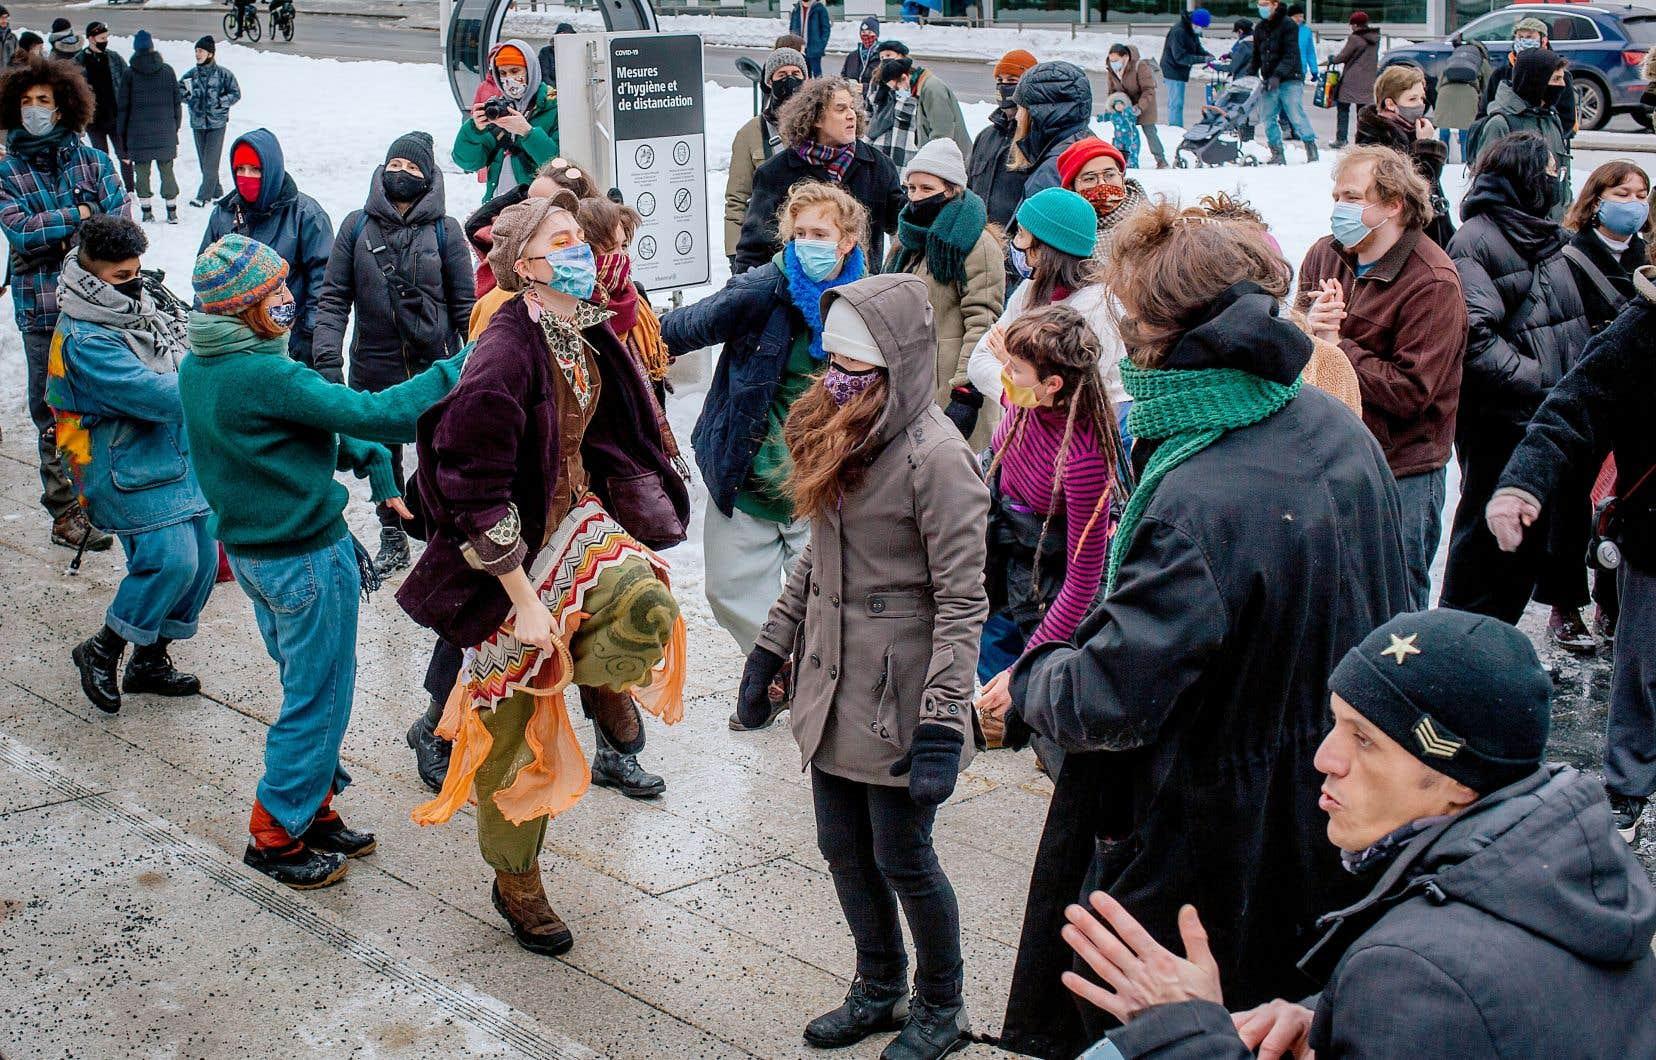 Rassemblement sur la place des Festivals, à Montréal, pour défendre les arts vivants au Québec dans le contexte de la pandemie